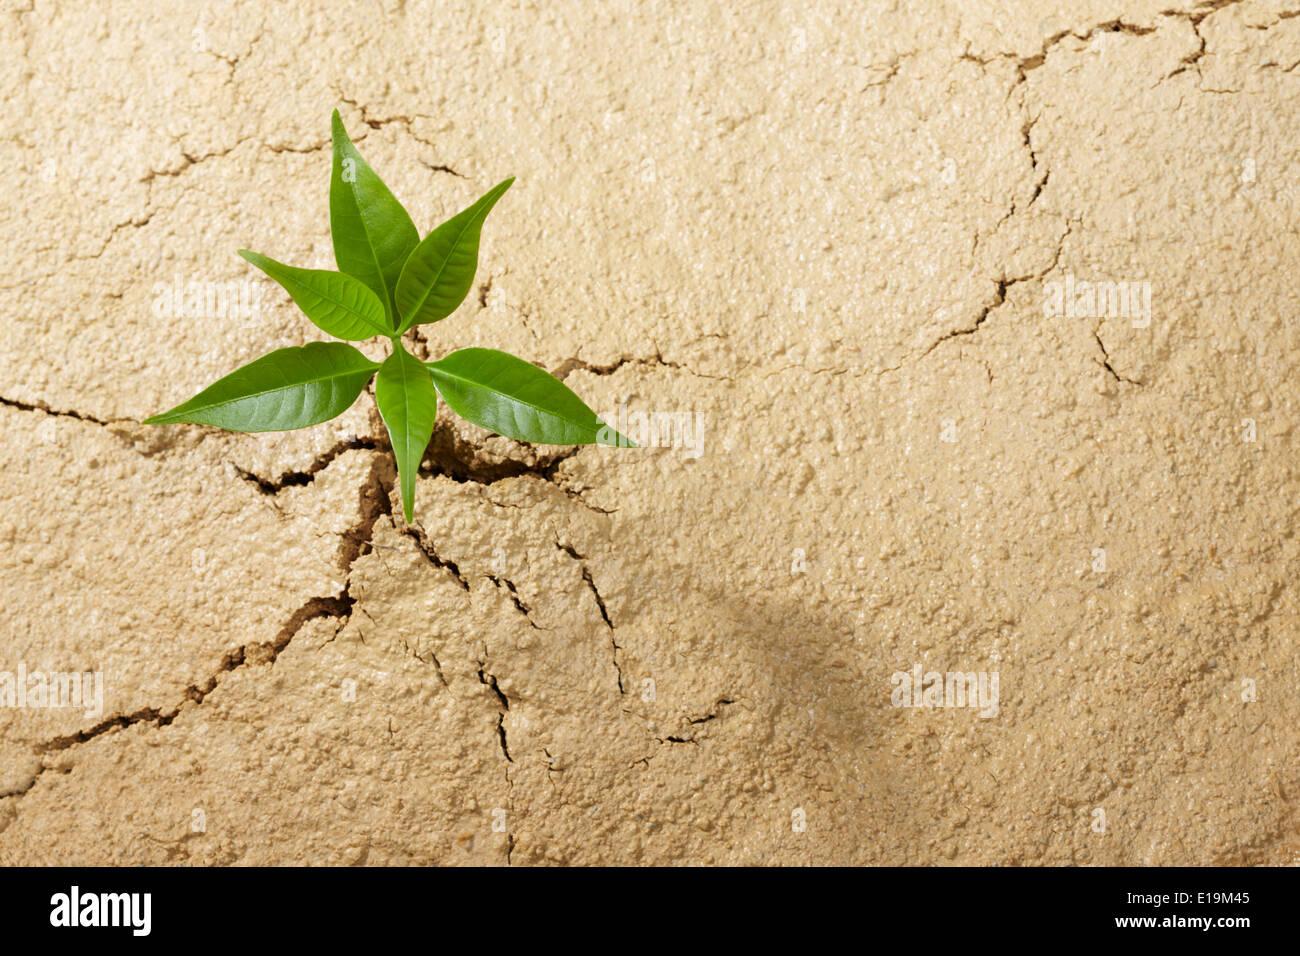 Petite plante sortir du sol fissuré Photo Stock